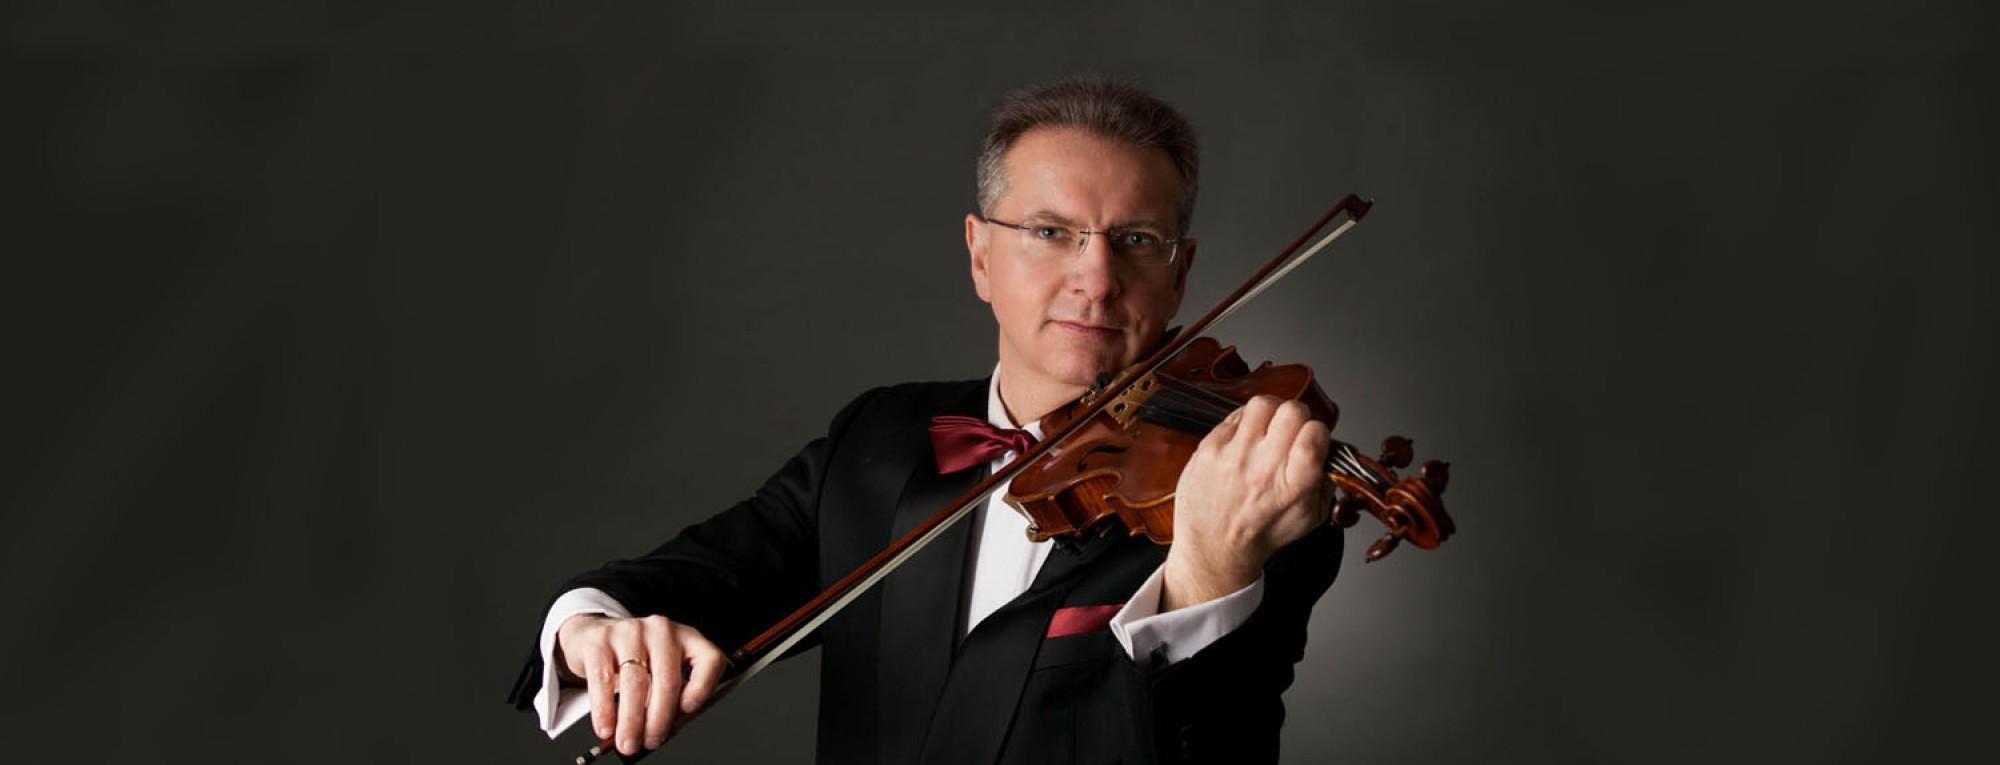 Krzysztof DURLOW